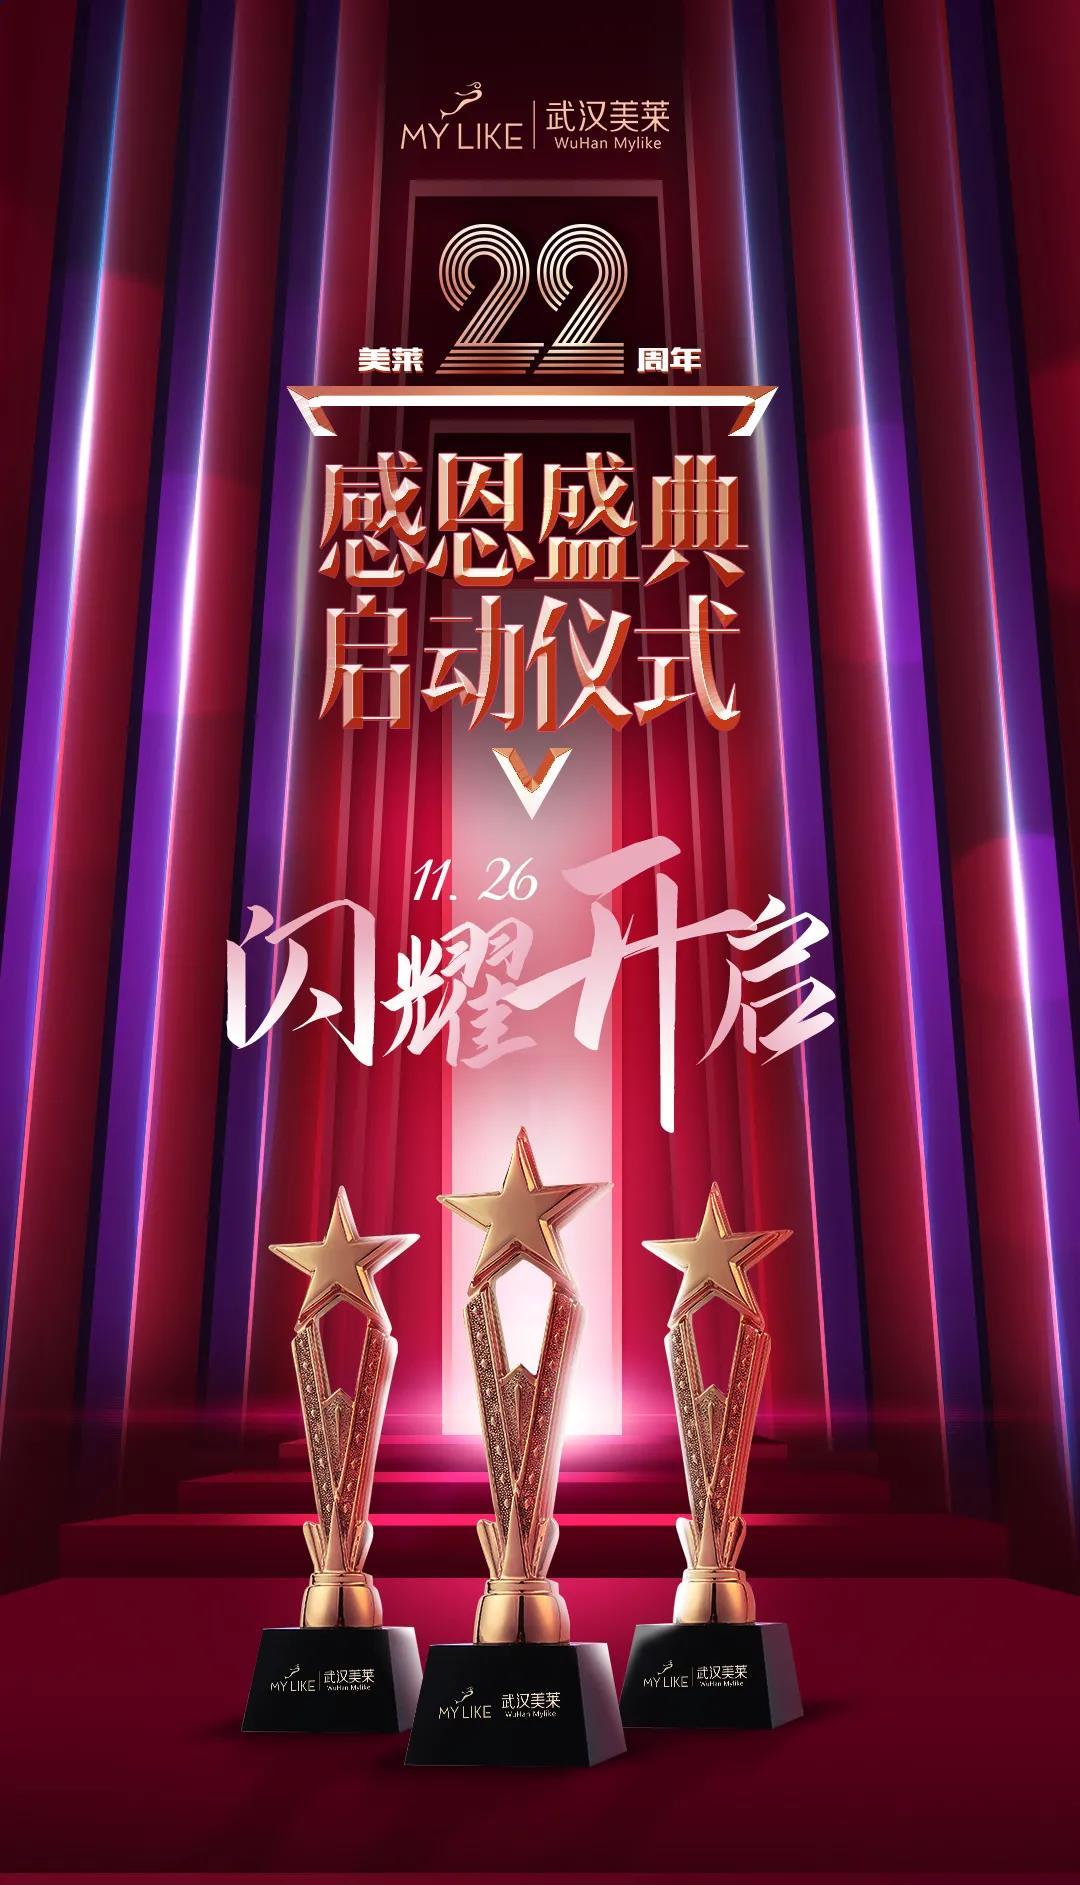 武汉美莱22周年庆 · 感恩盛典千万豪礼限时放送